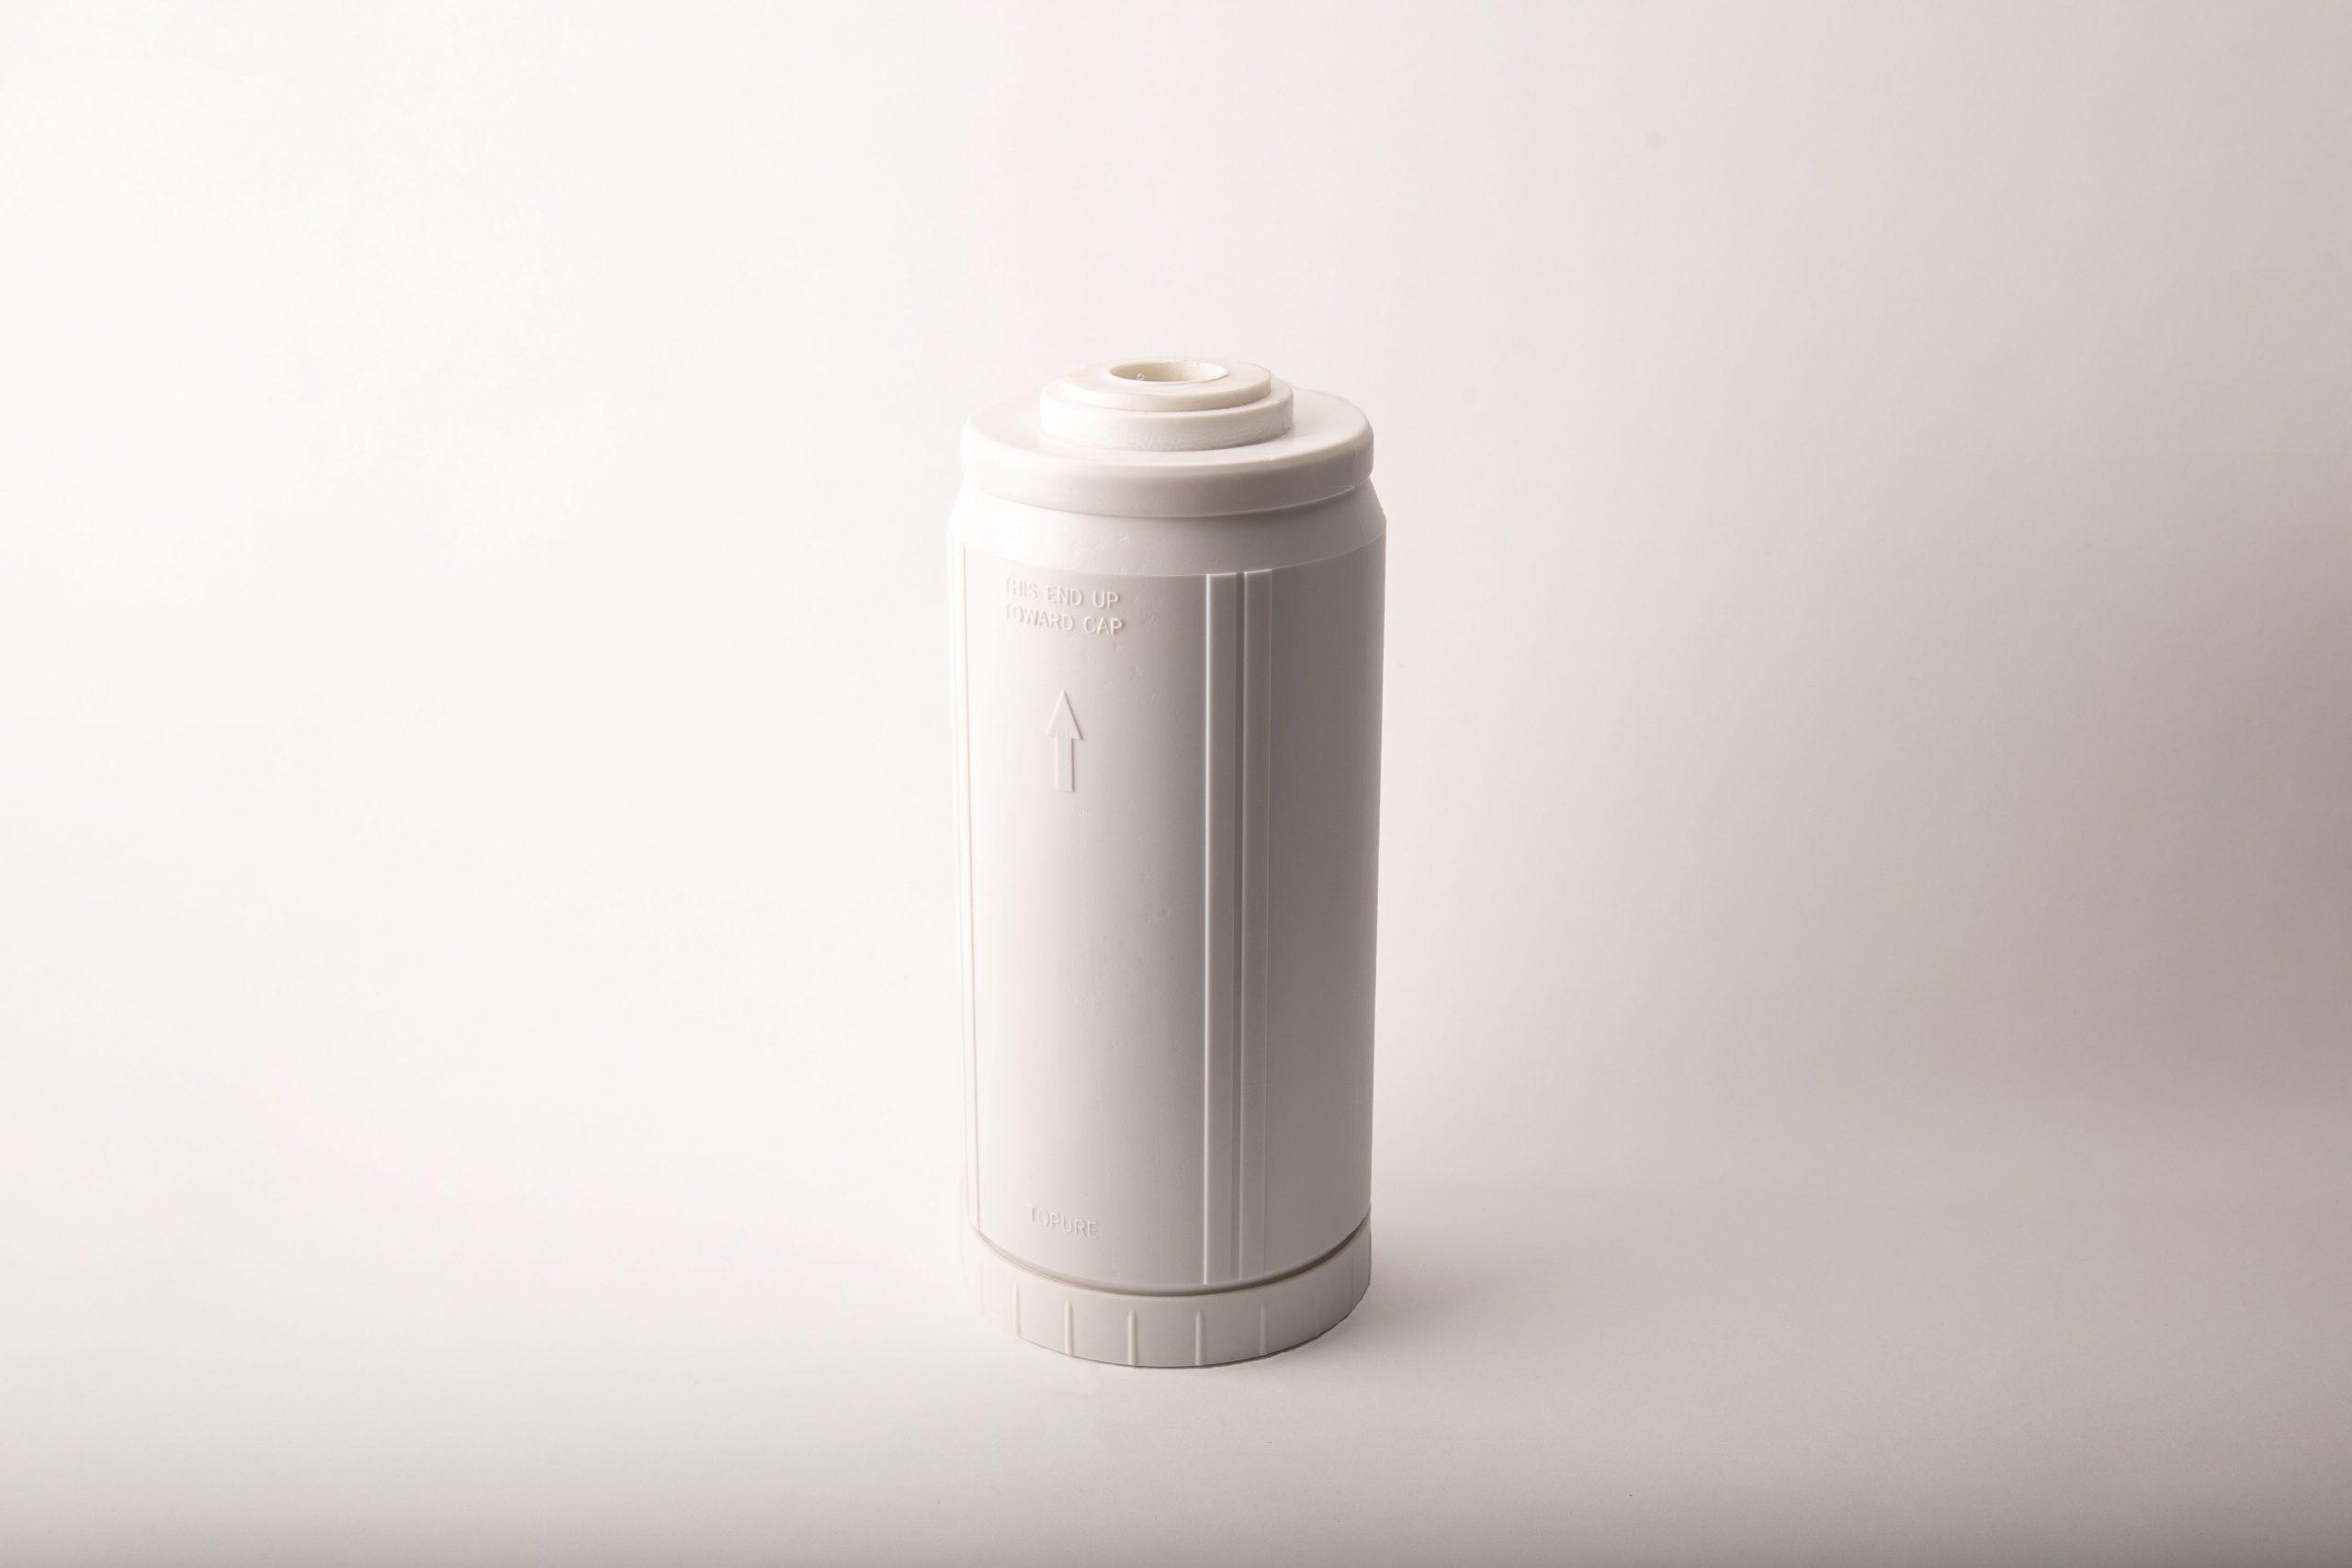 Картридж ION10B для умягчения воды (высота 254 мм)